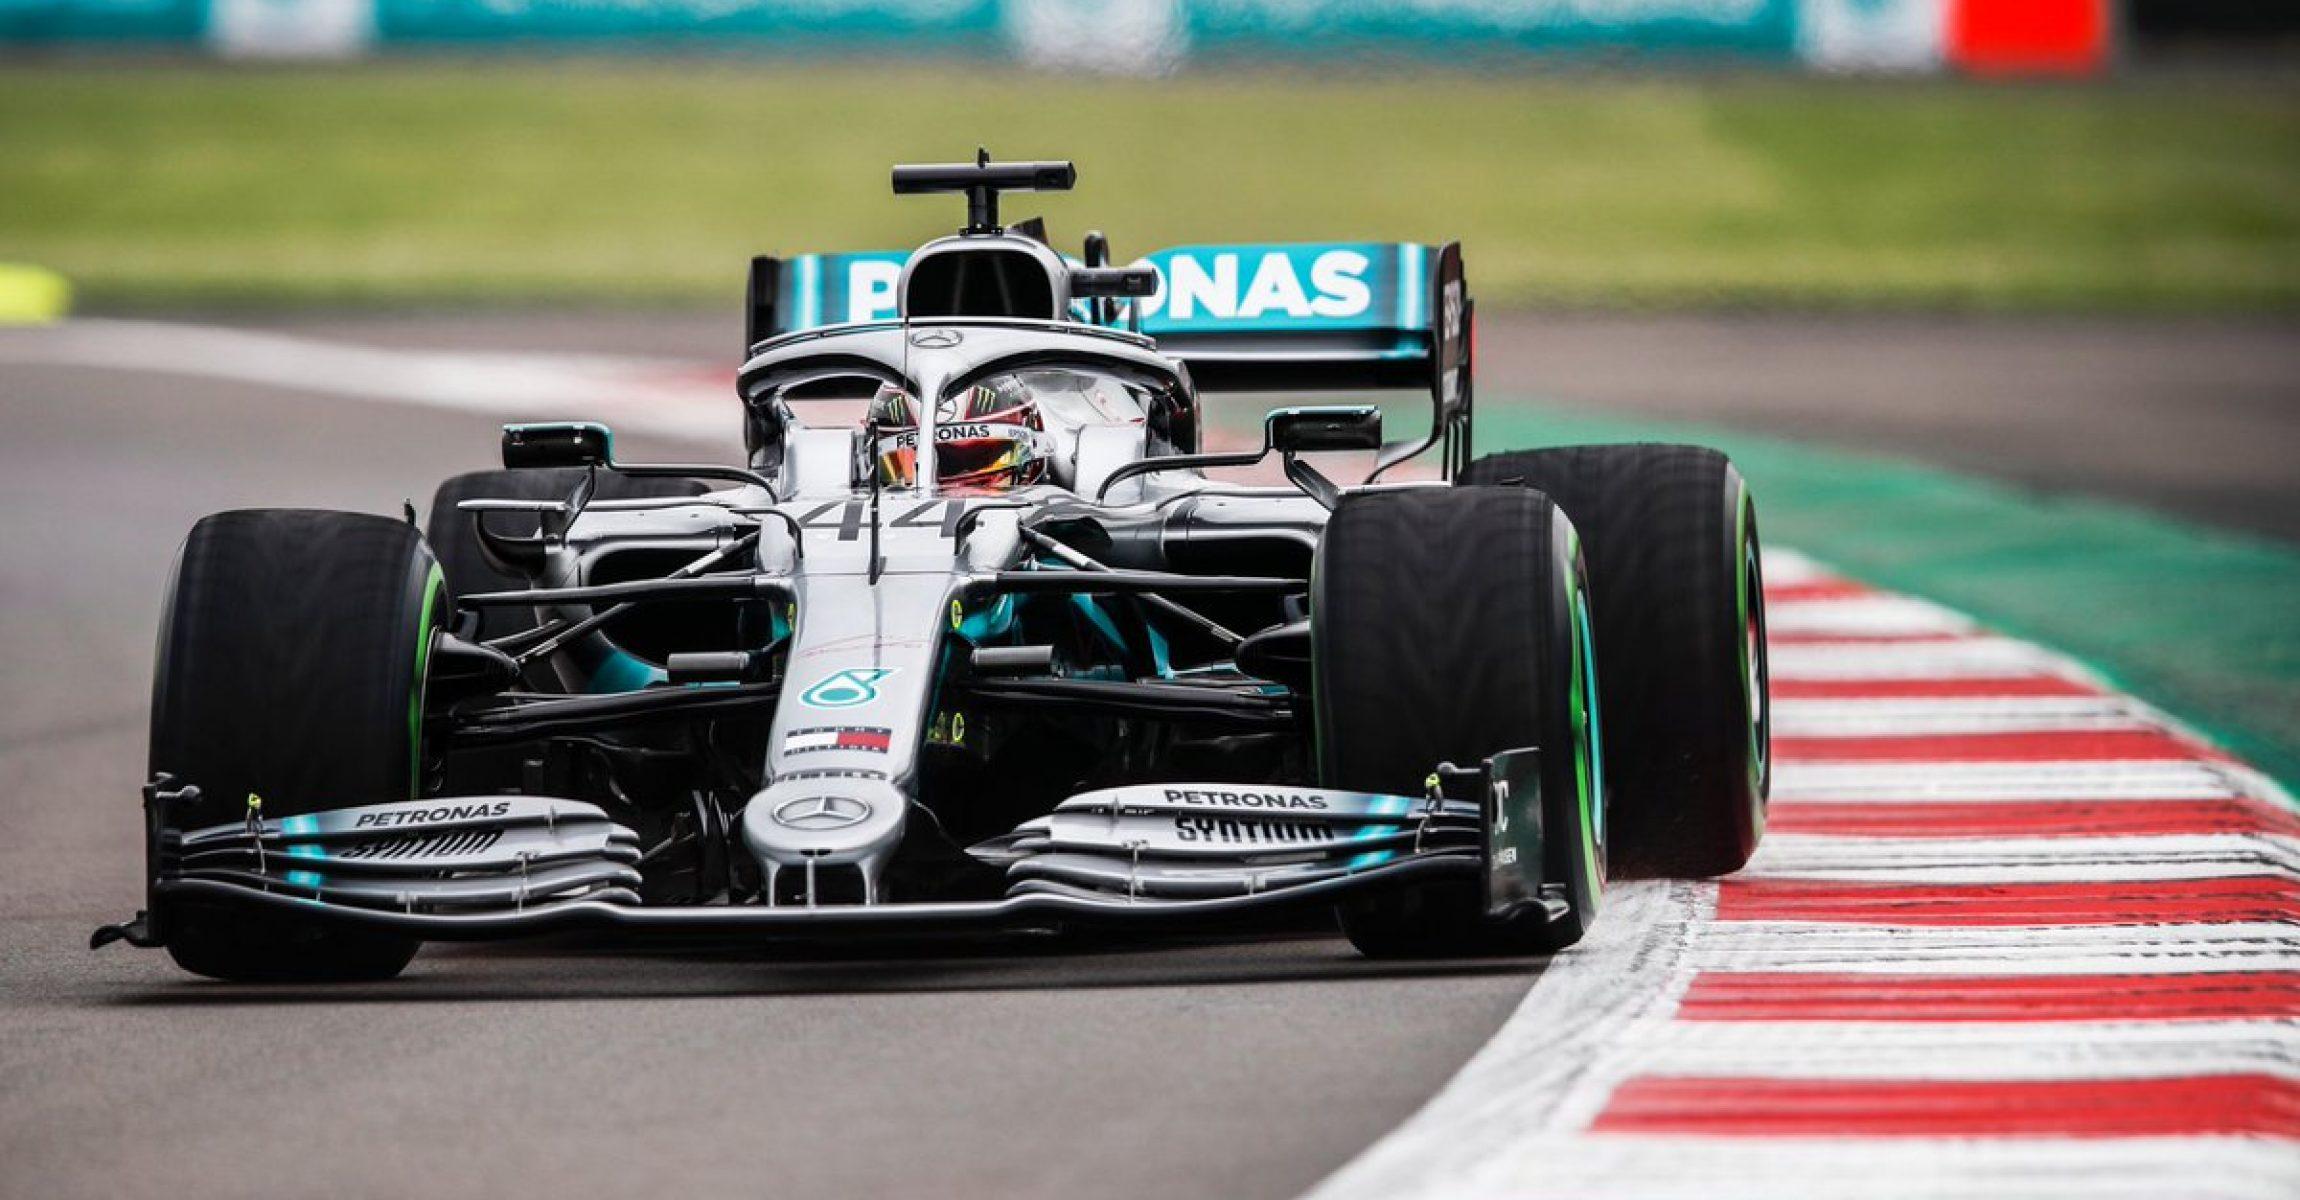 Mercedes, Lewis Hamilton, intermediate